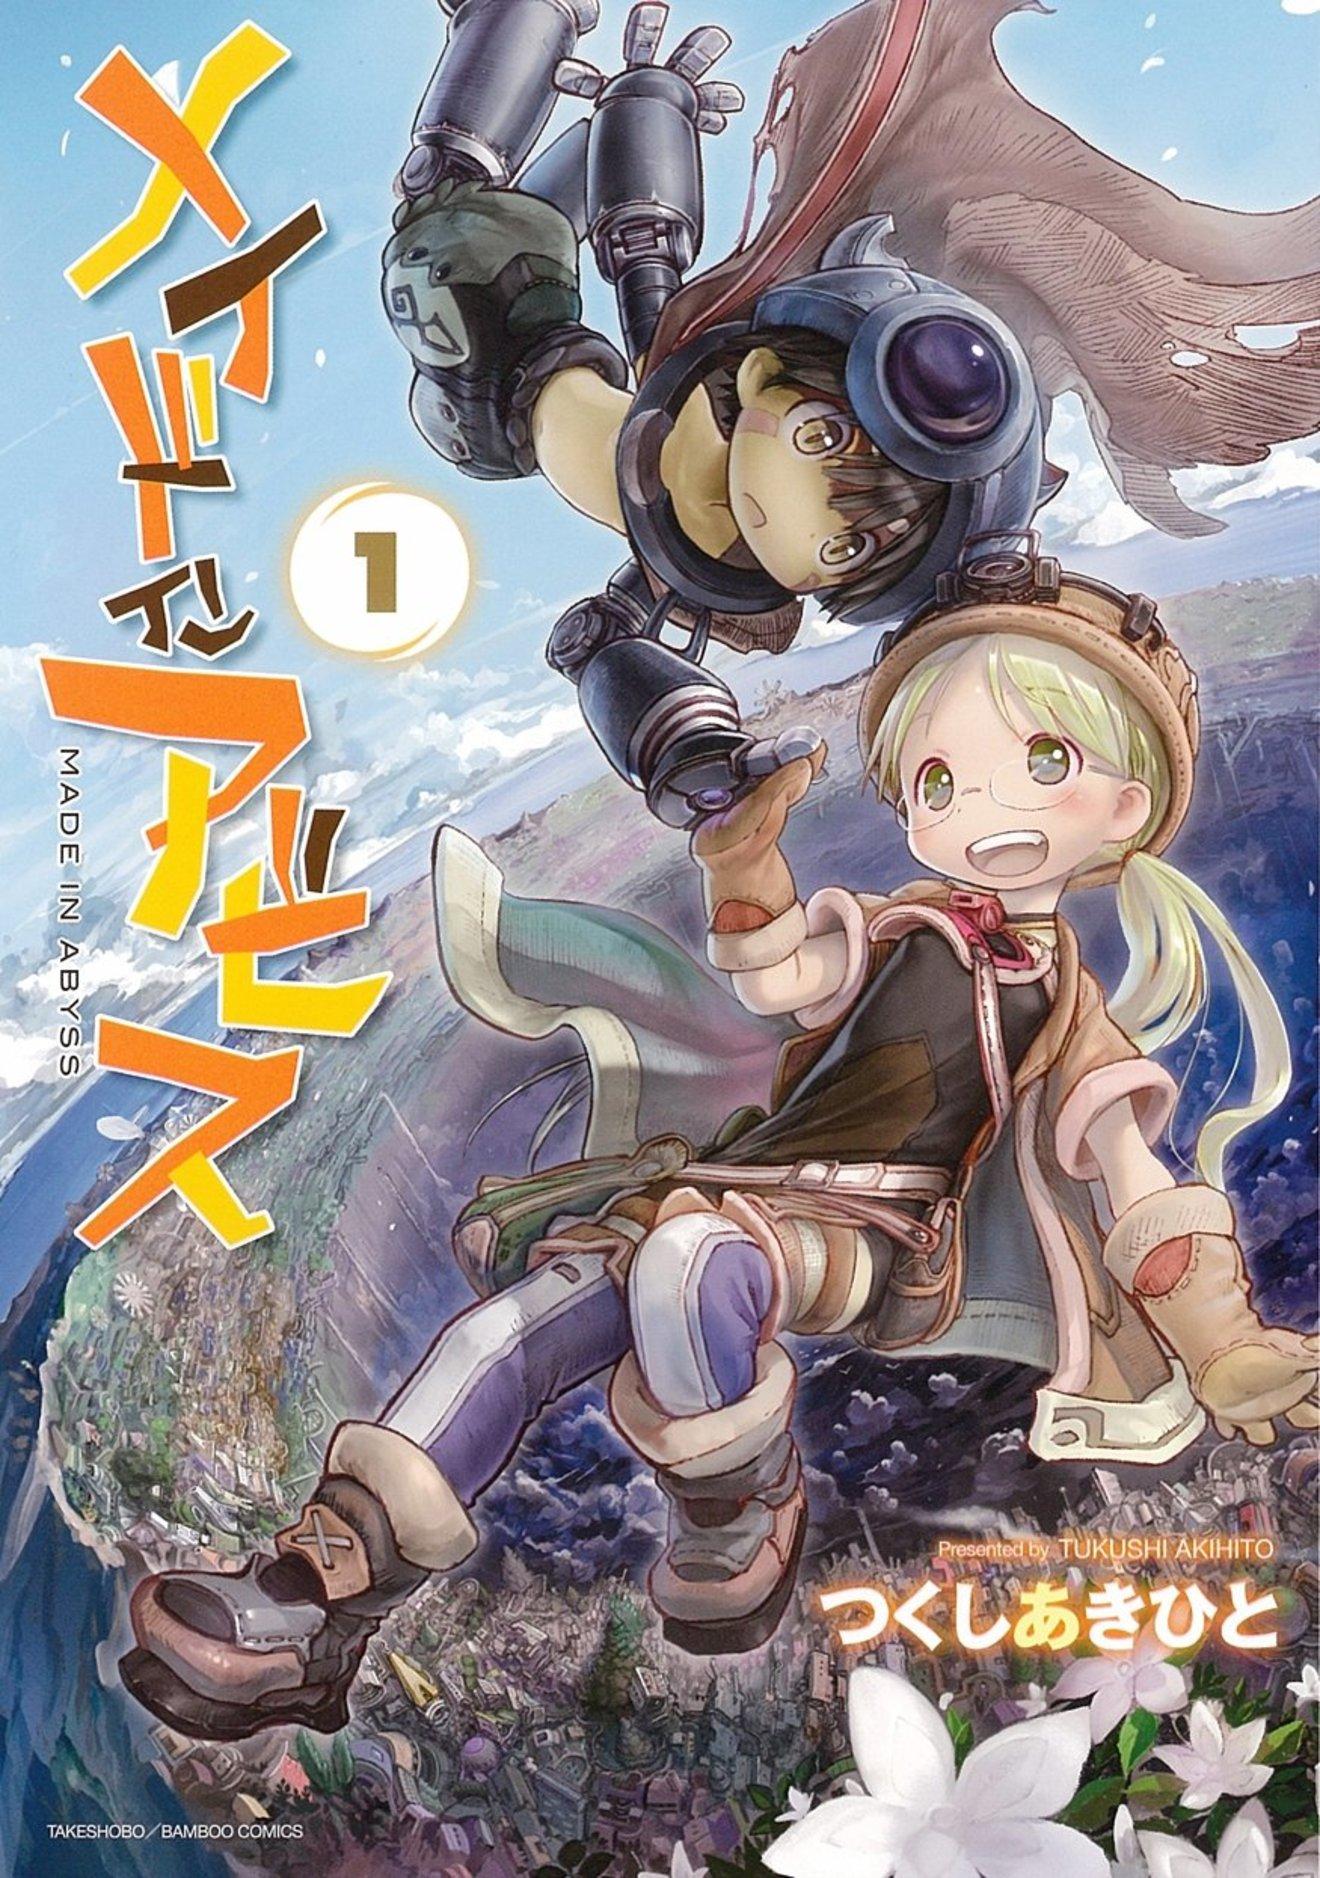 漫画『メイドインアビス』最新7巻までの伏線をネタバレ考察!